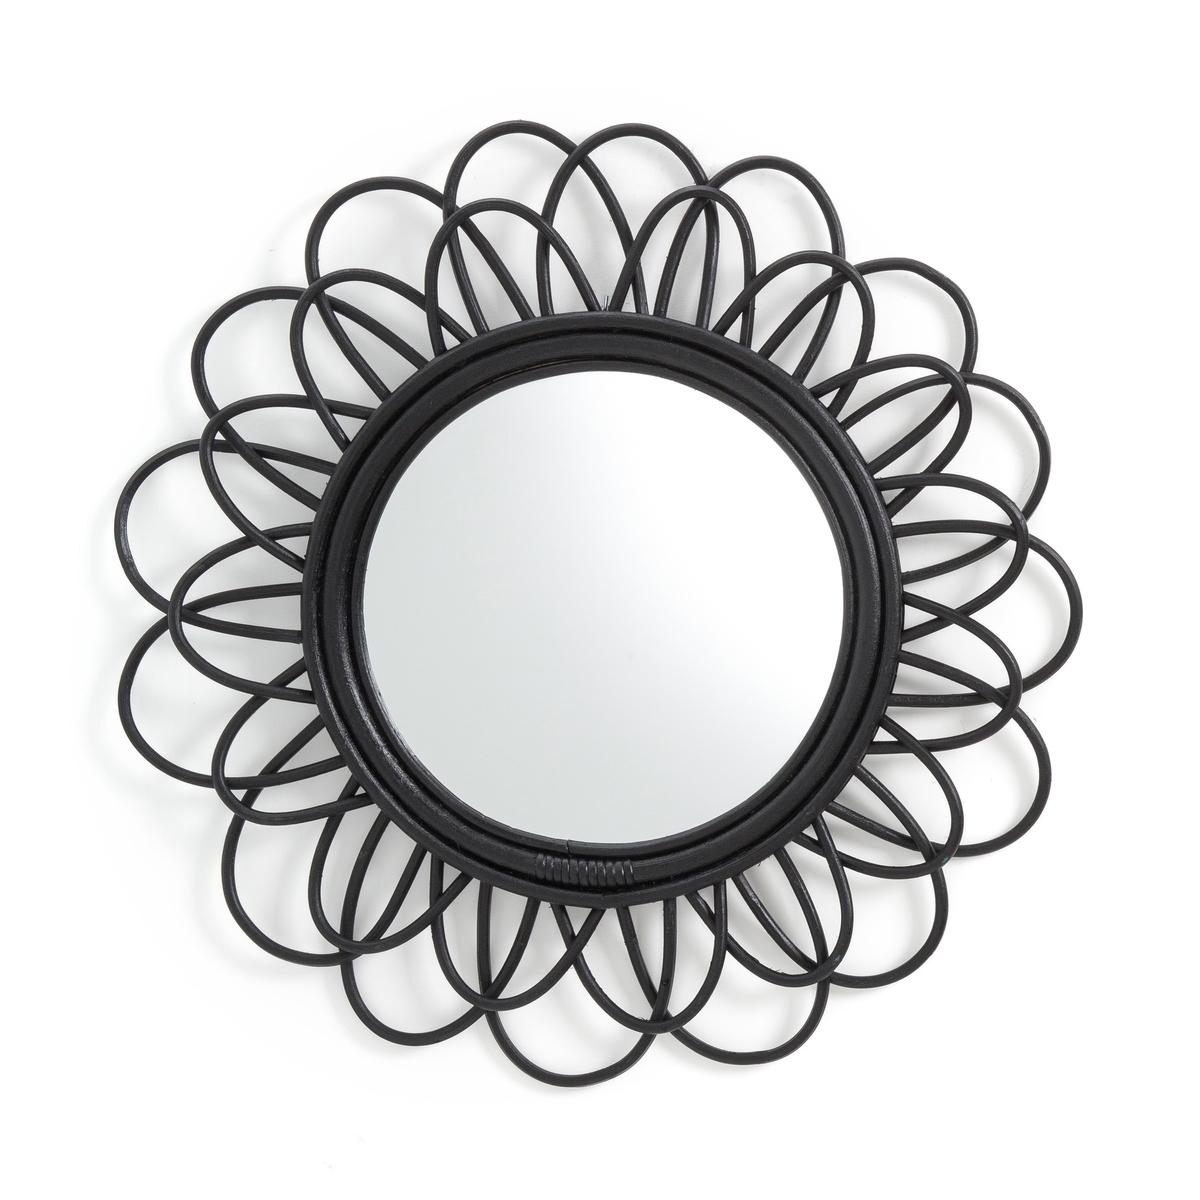 Зеркало LaRedoute Из ротанга черного цвета в форме двойного цветка 60 см Nogu единый размер черный